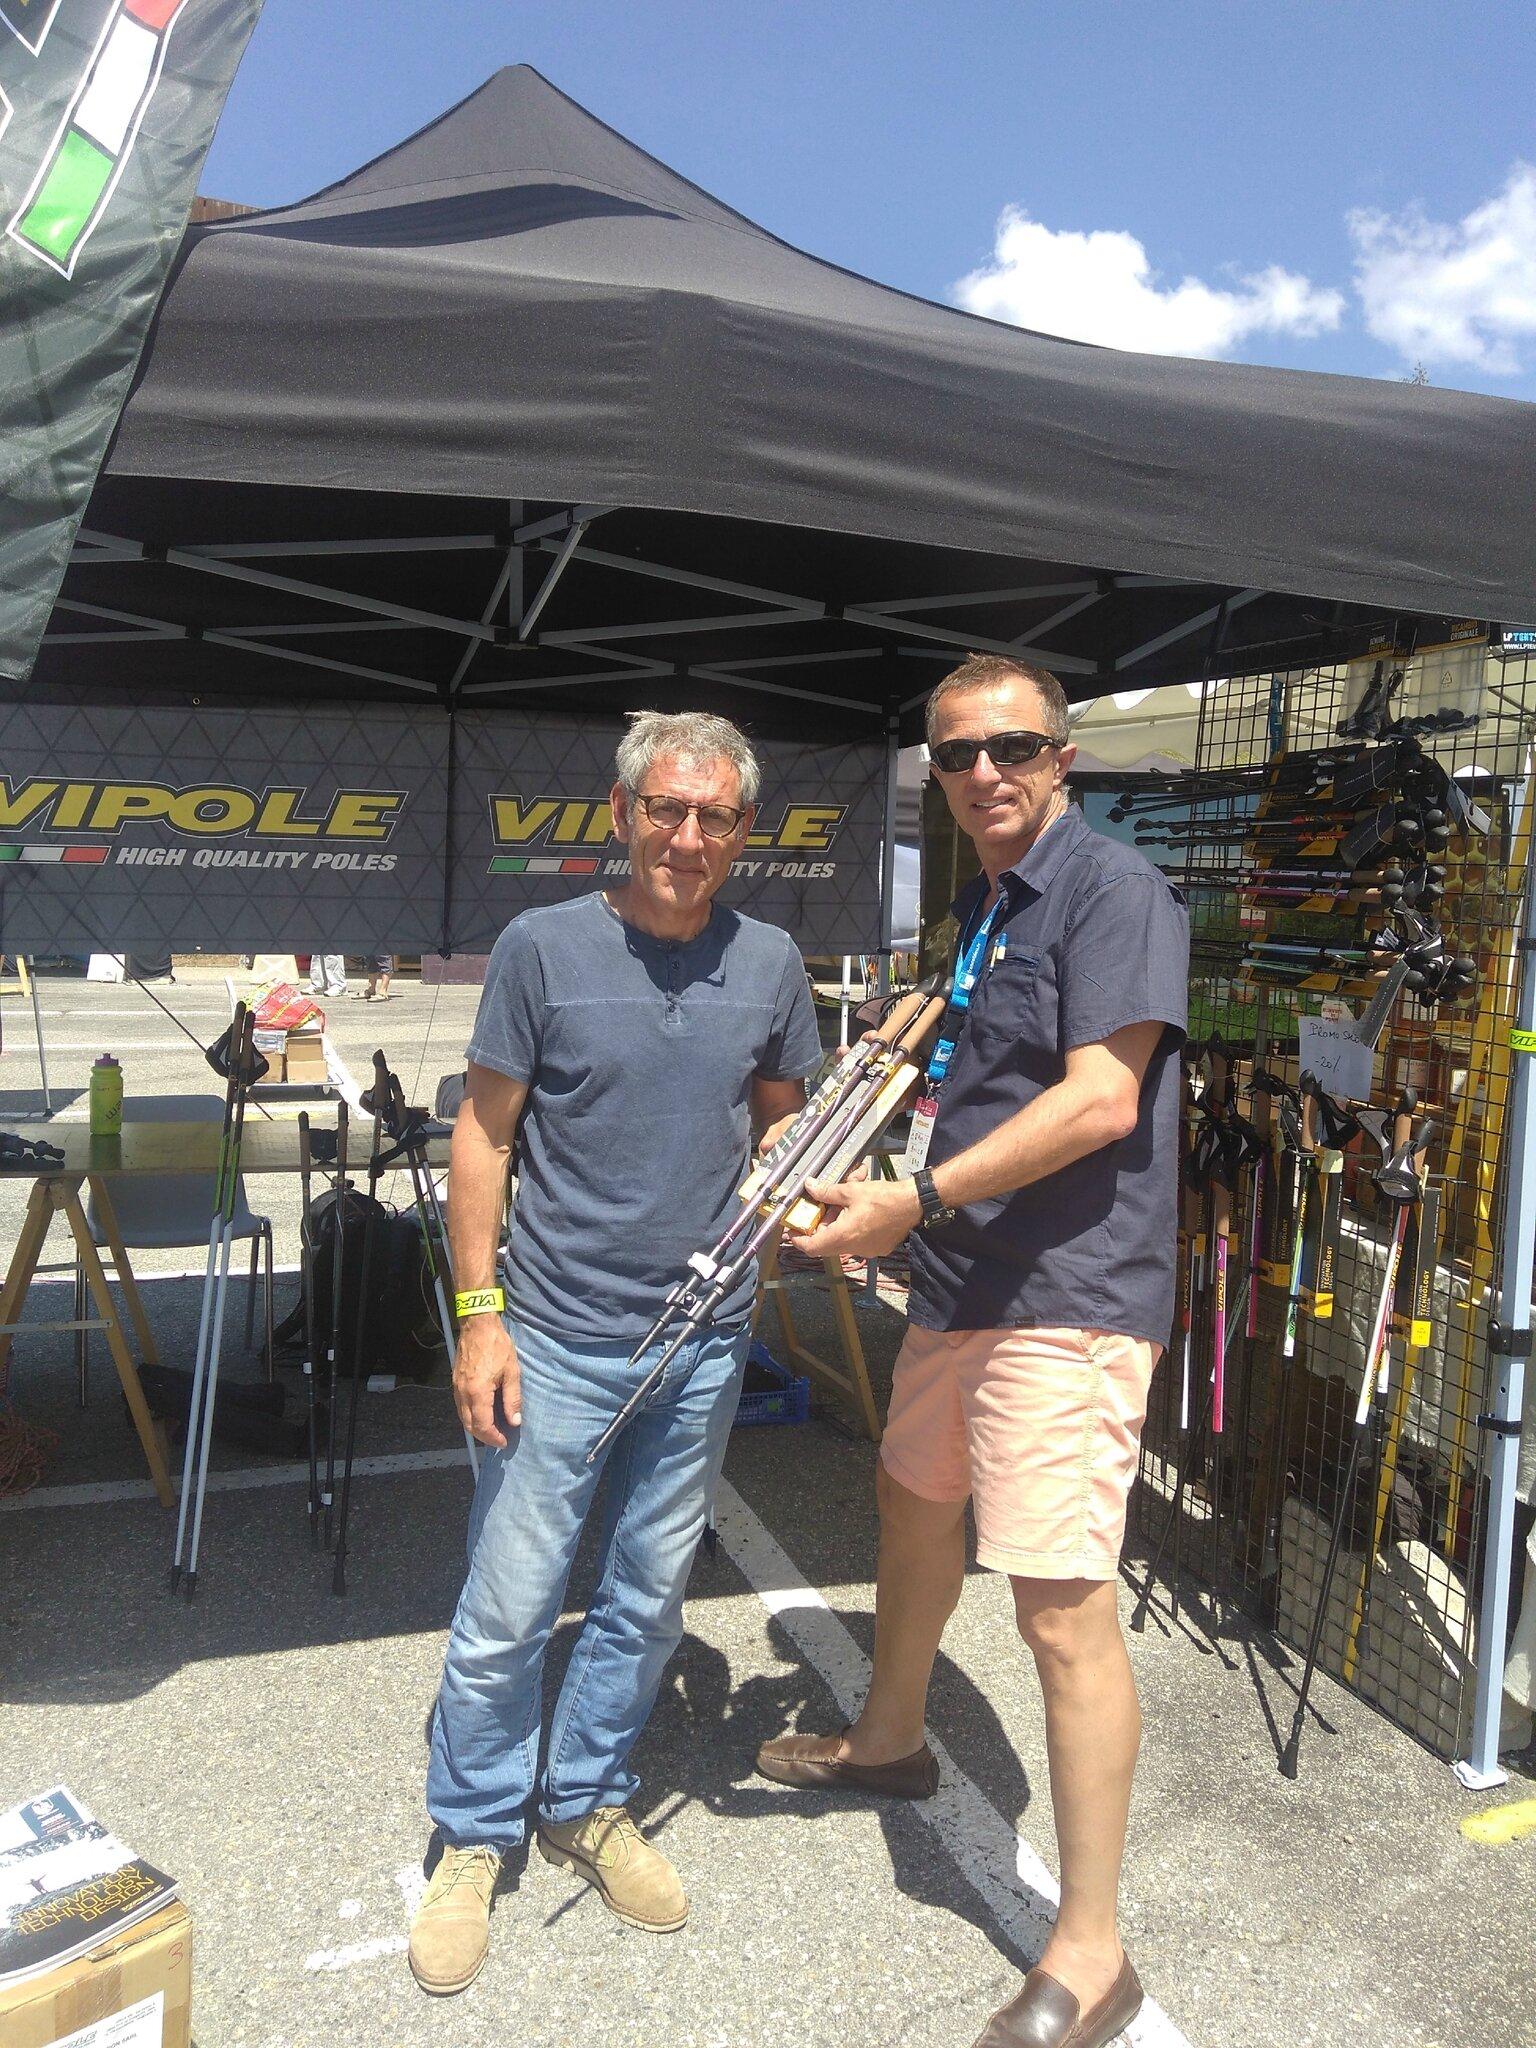 Régis Boucher Snowpark Distribution me permet de tester les bâtons VIPOLE sur le GR5